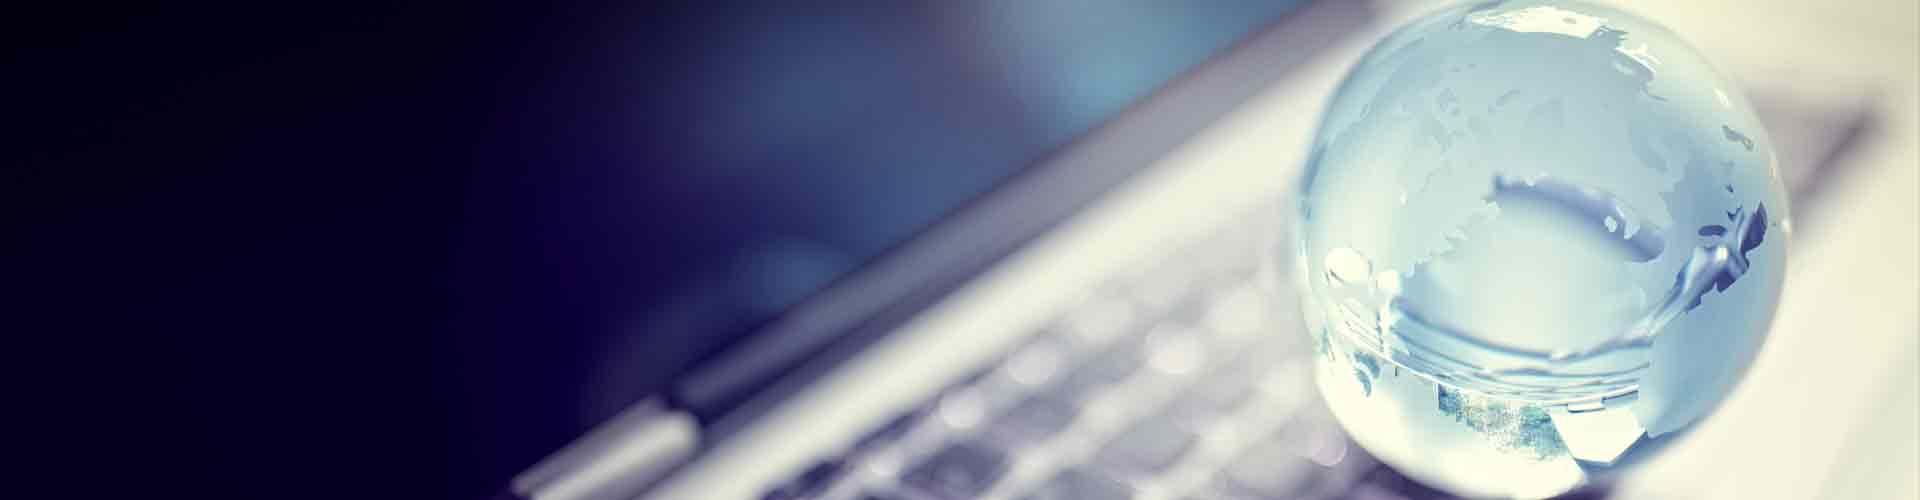 bf_header_1920_500_keyboard